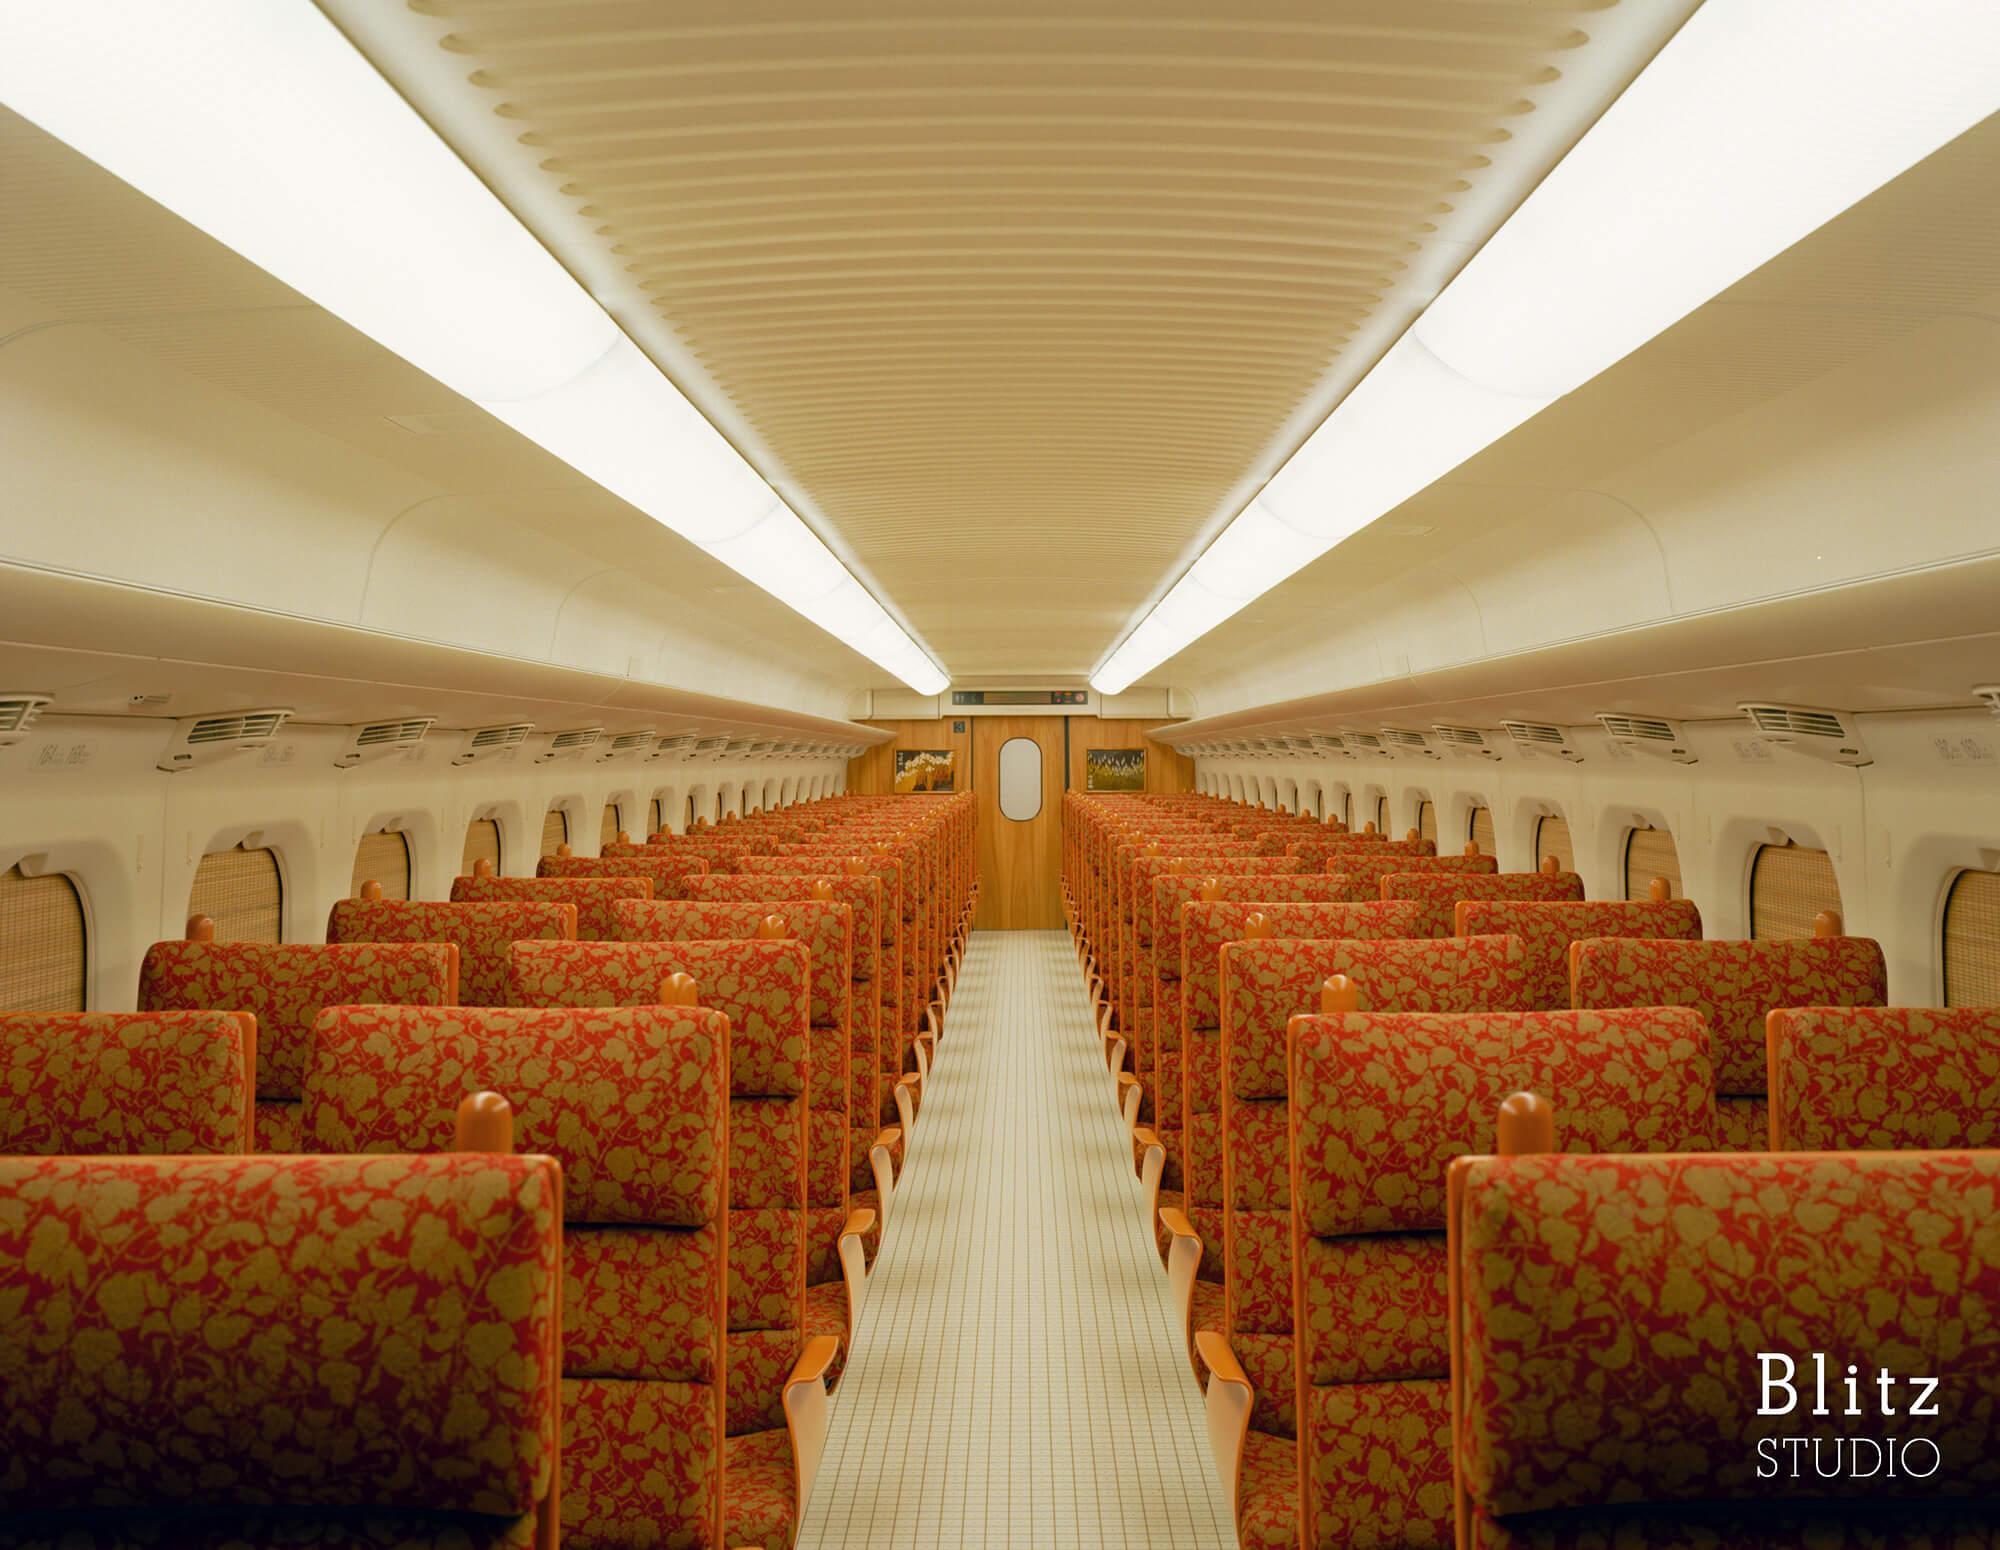 『九州新幹線 つばめ 800 KYUSHU SHINKANSEN TSUBAME 800』-福岡県福岡市-建築写真・竣工写真・インテリア写真5